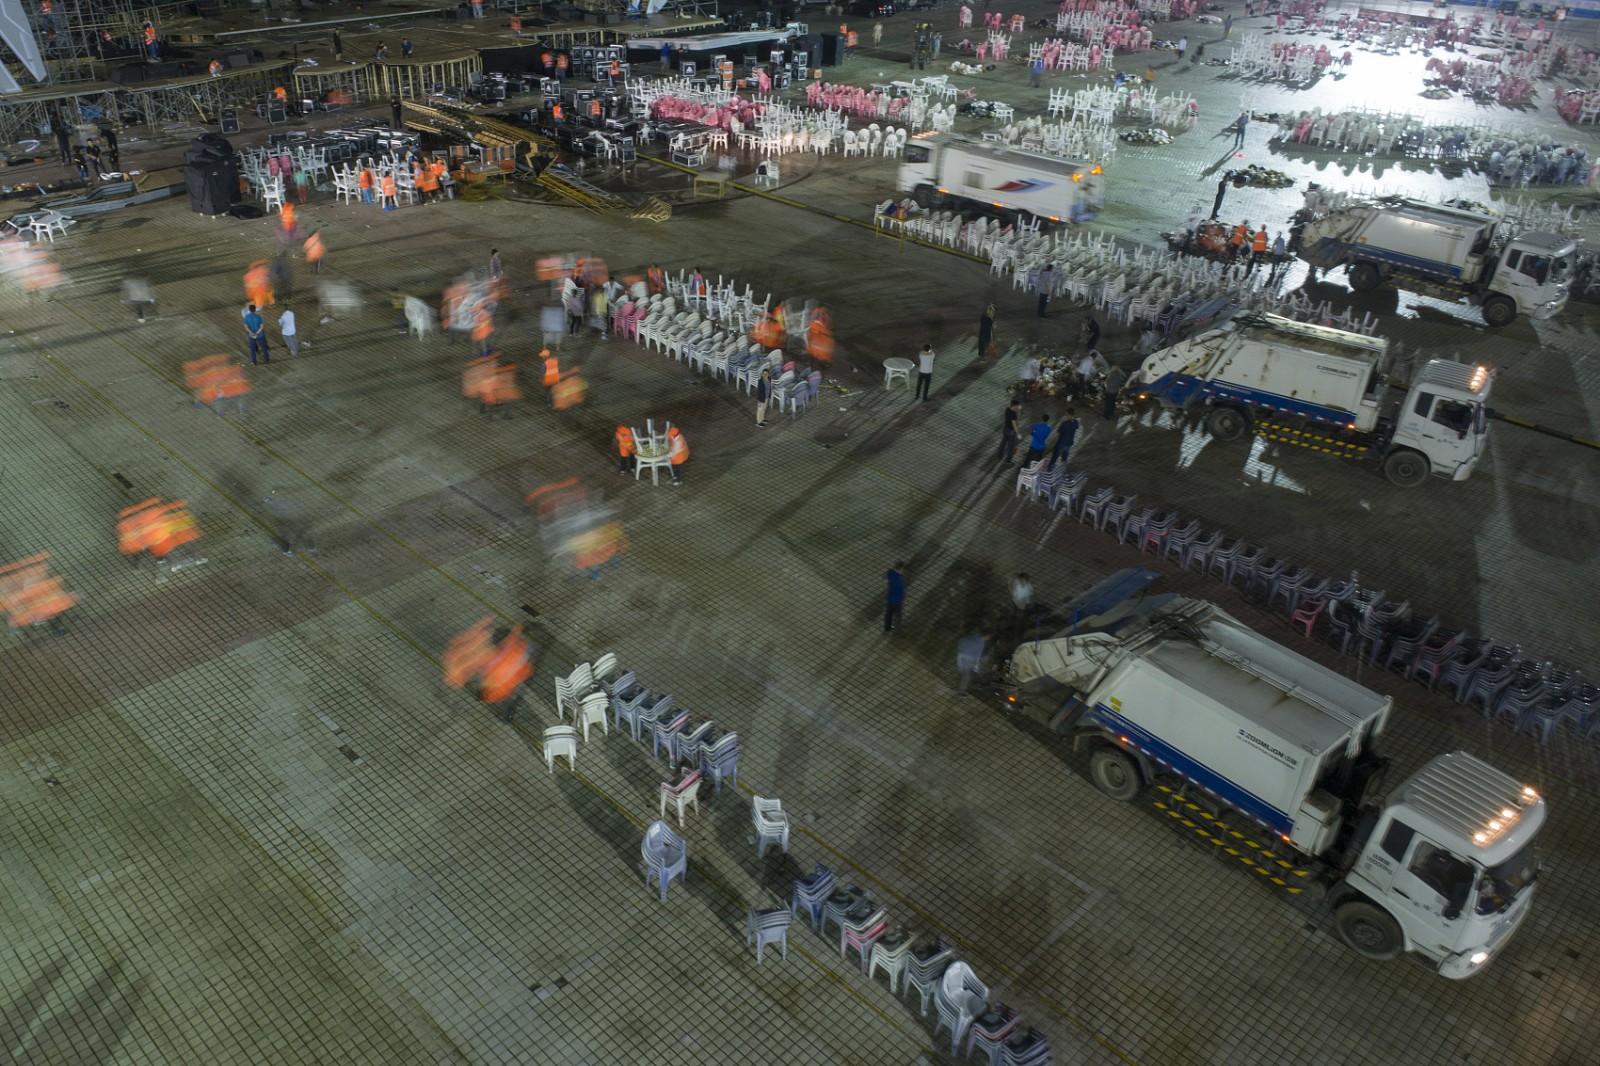 2018年6月14日凌晨,在江苏省盱眙县都梁公园龙虾广场,航拍环卫工人清扫垃圾。